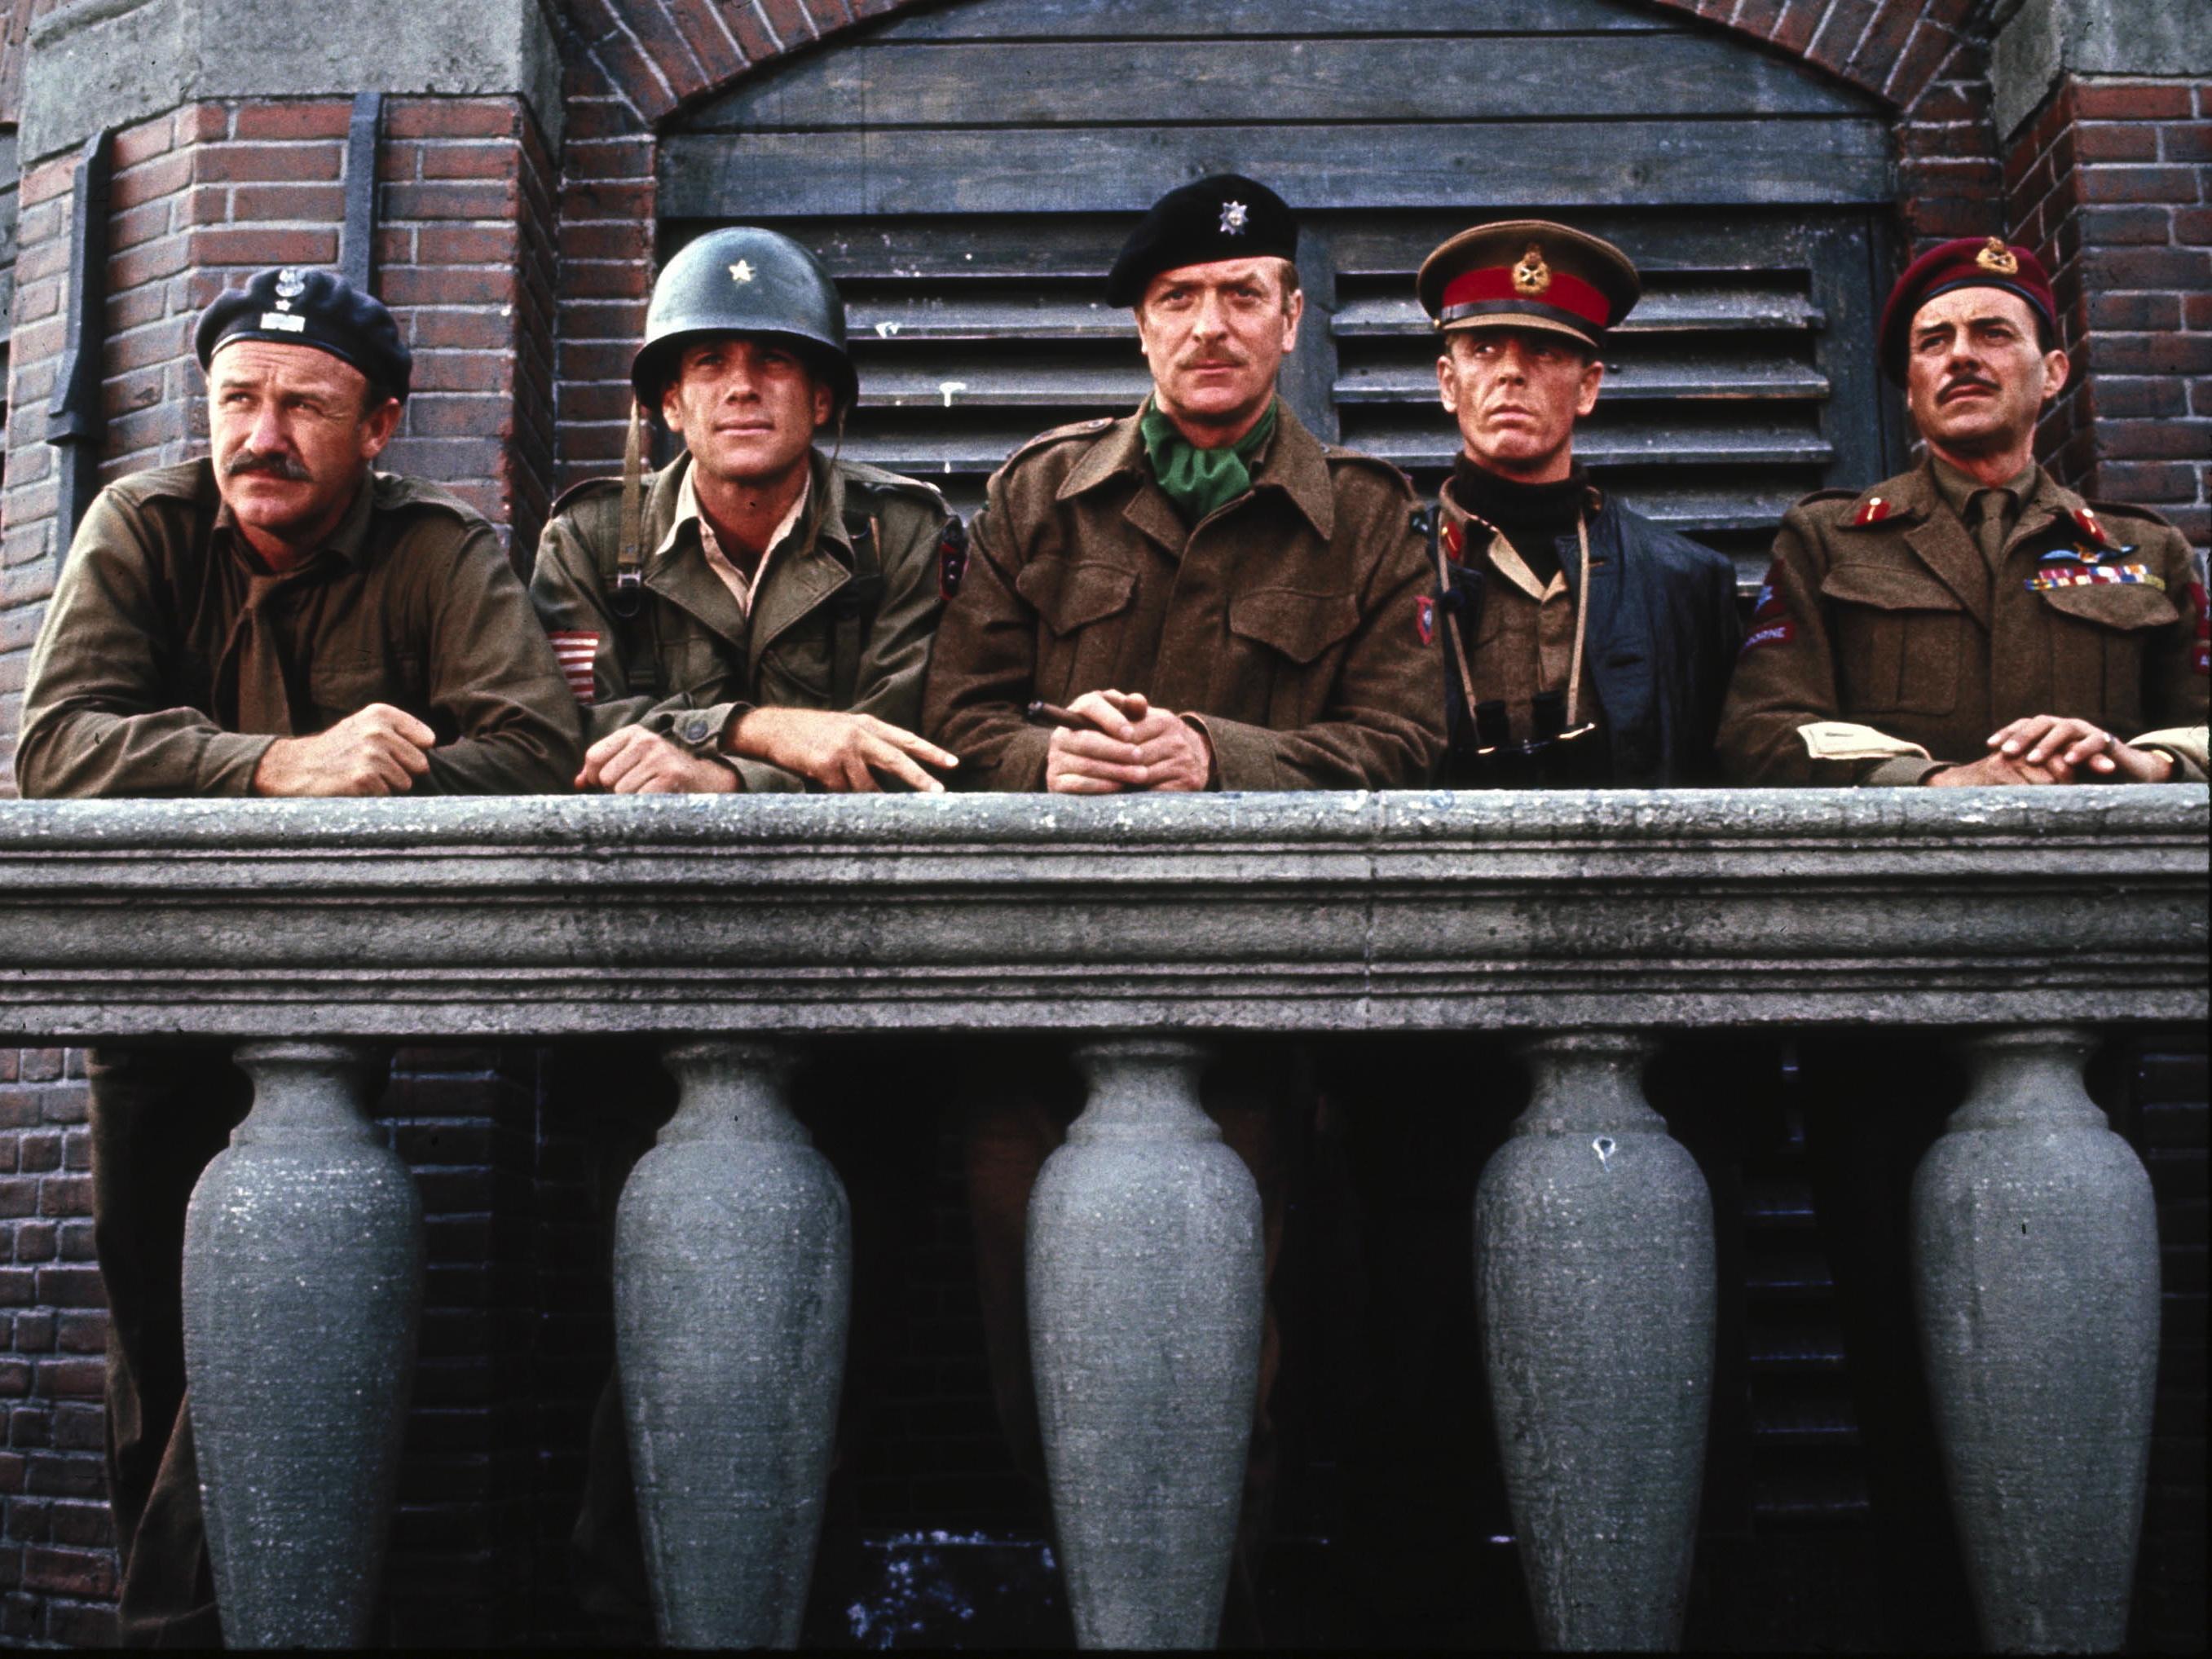 50 Great British actors, Dirk Bogarde